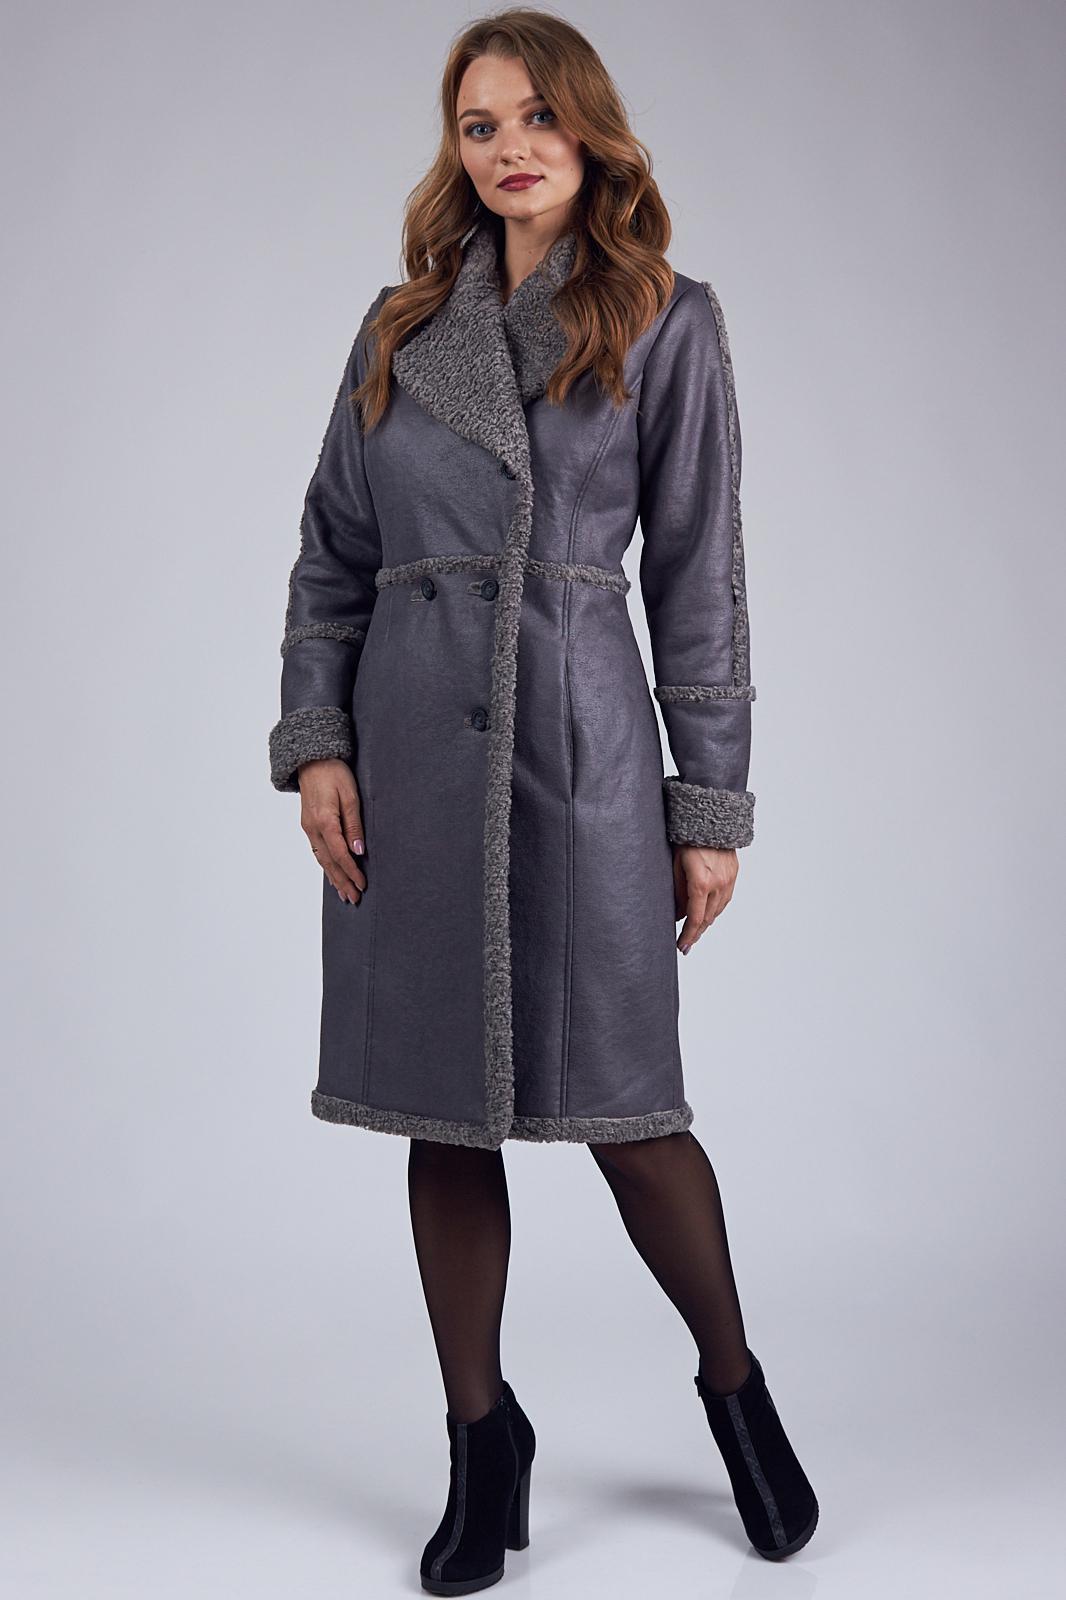 a5b225030205 Купить белорусскую женскую одежду в интернет-магазине в Минске